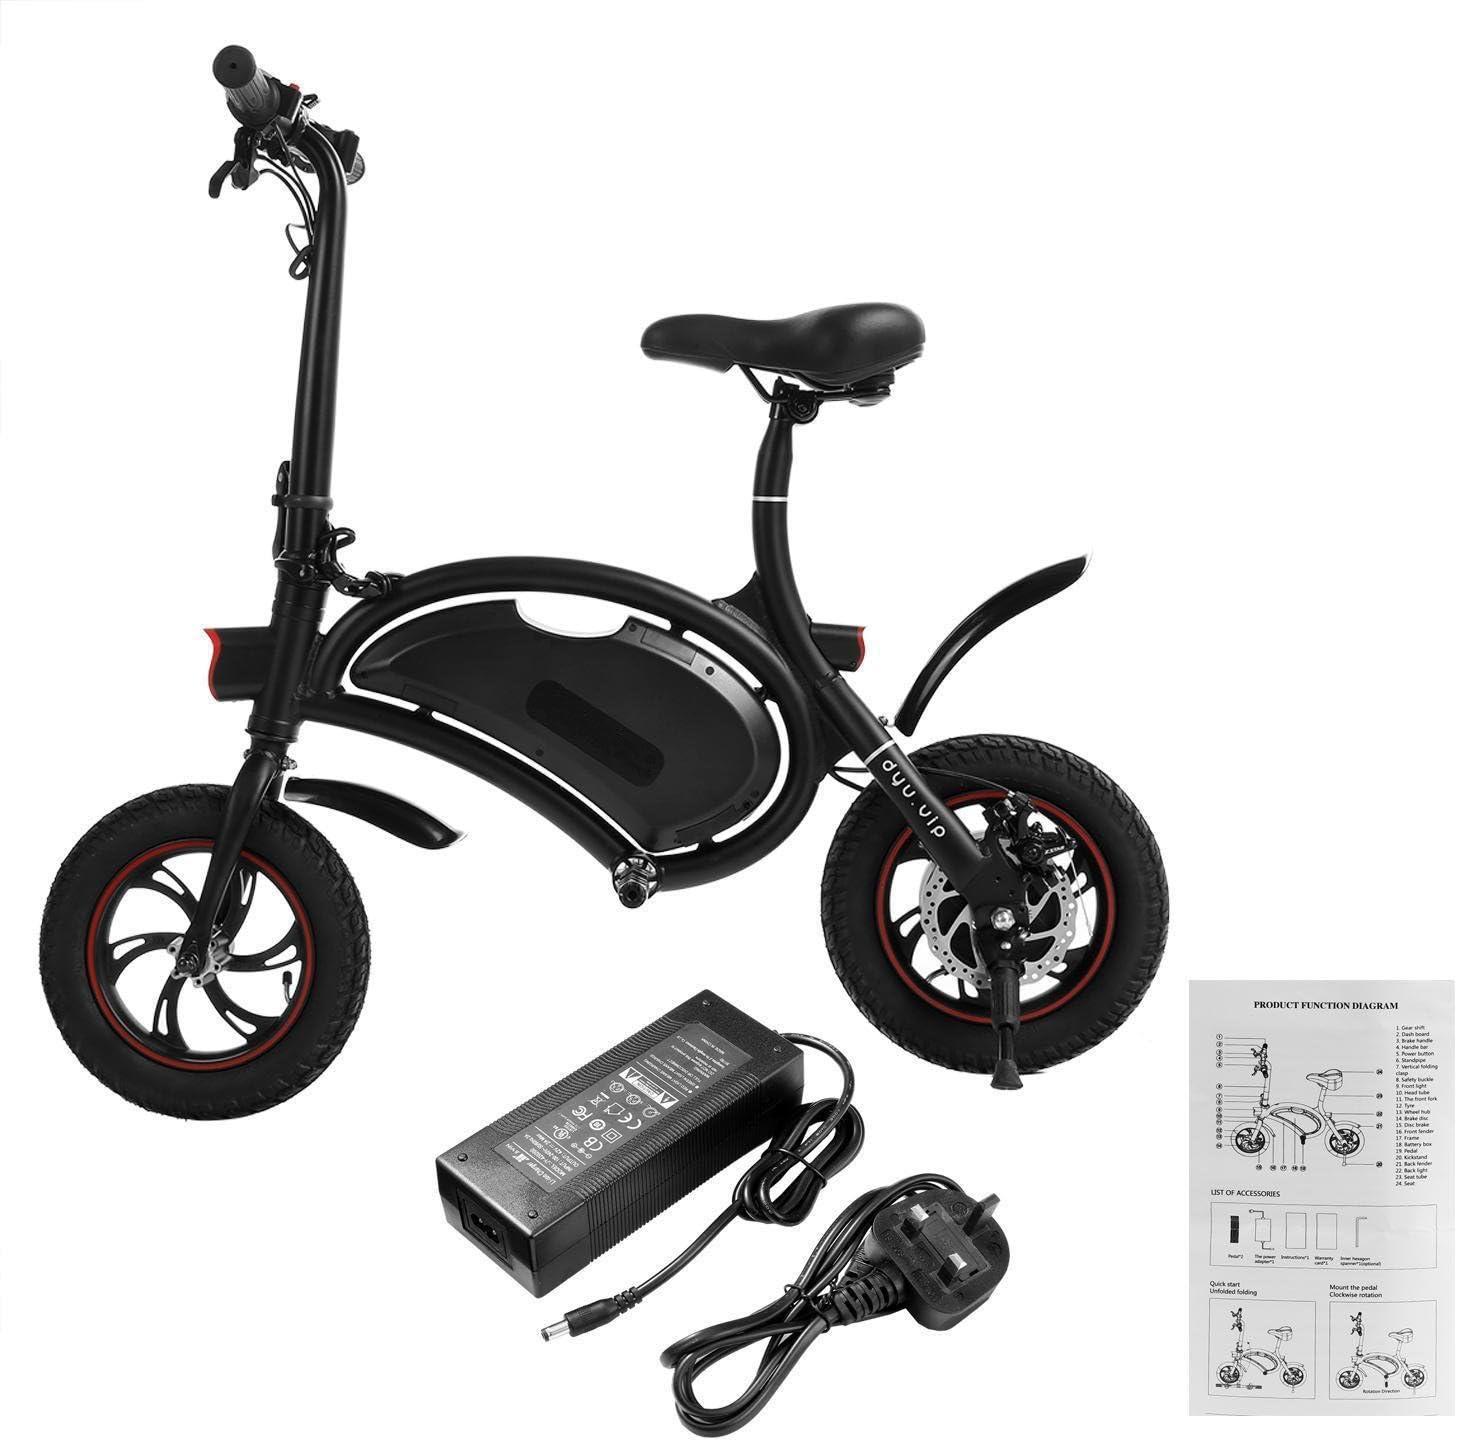 Bicicleta eléctrica de aluminio Teamyy con batería recargable de ...